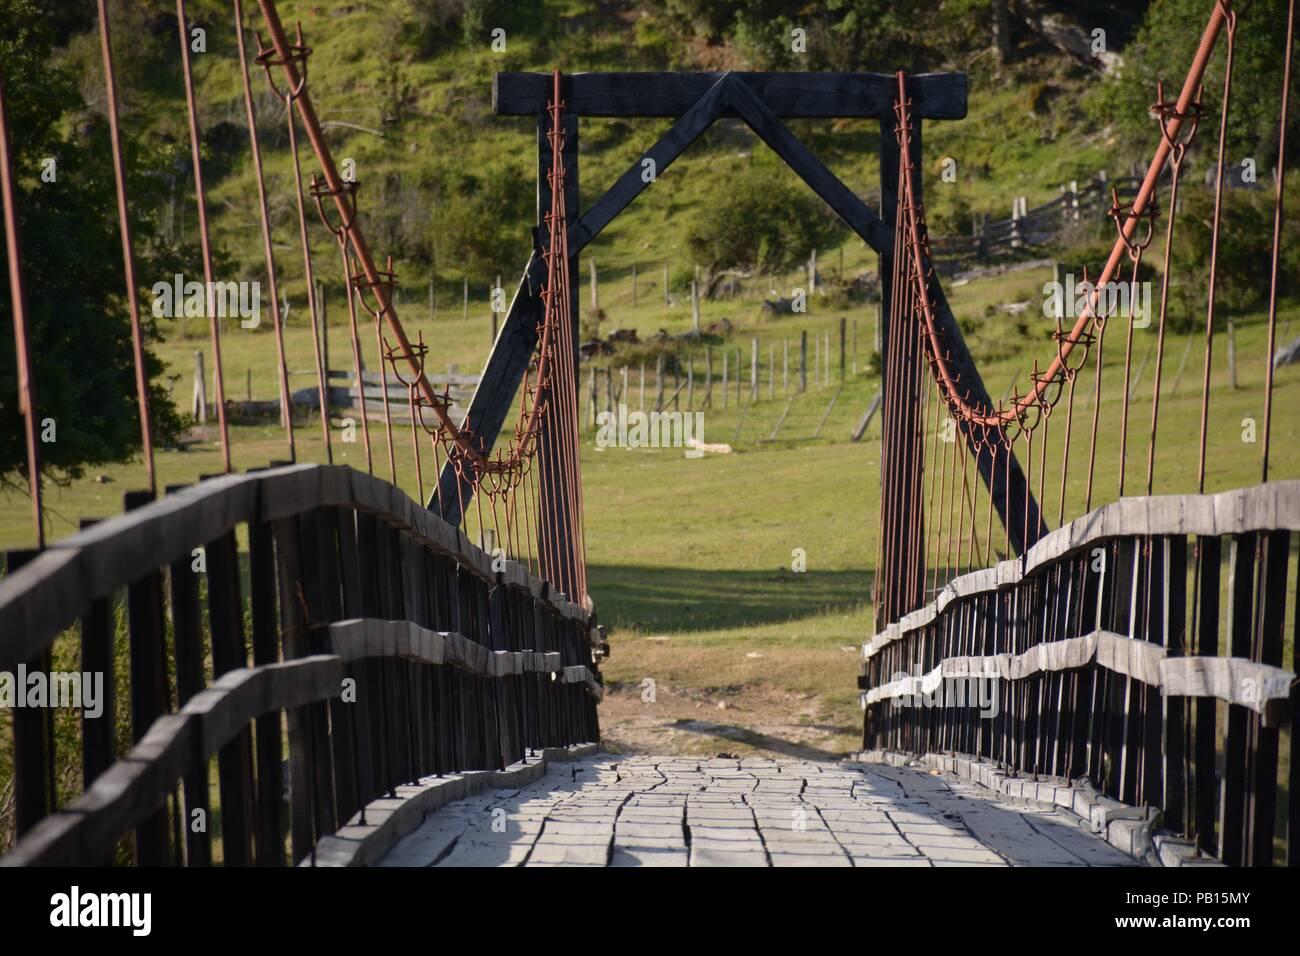 Puente Colgante Stock Photos & Puente Colgante Stock